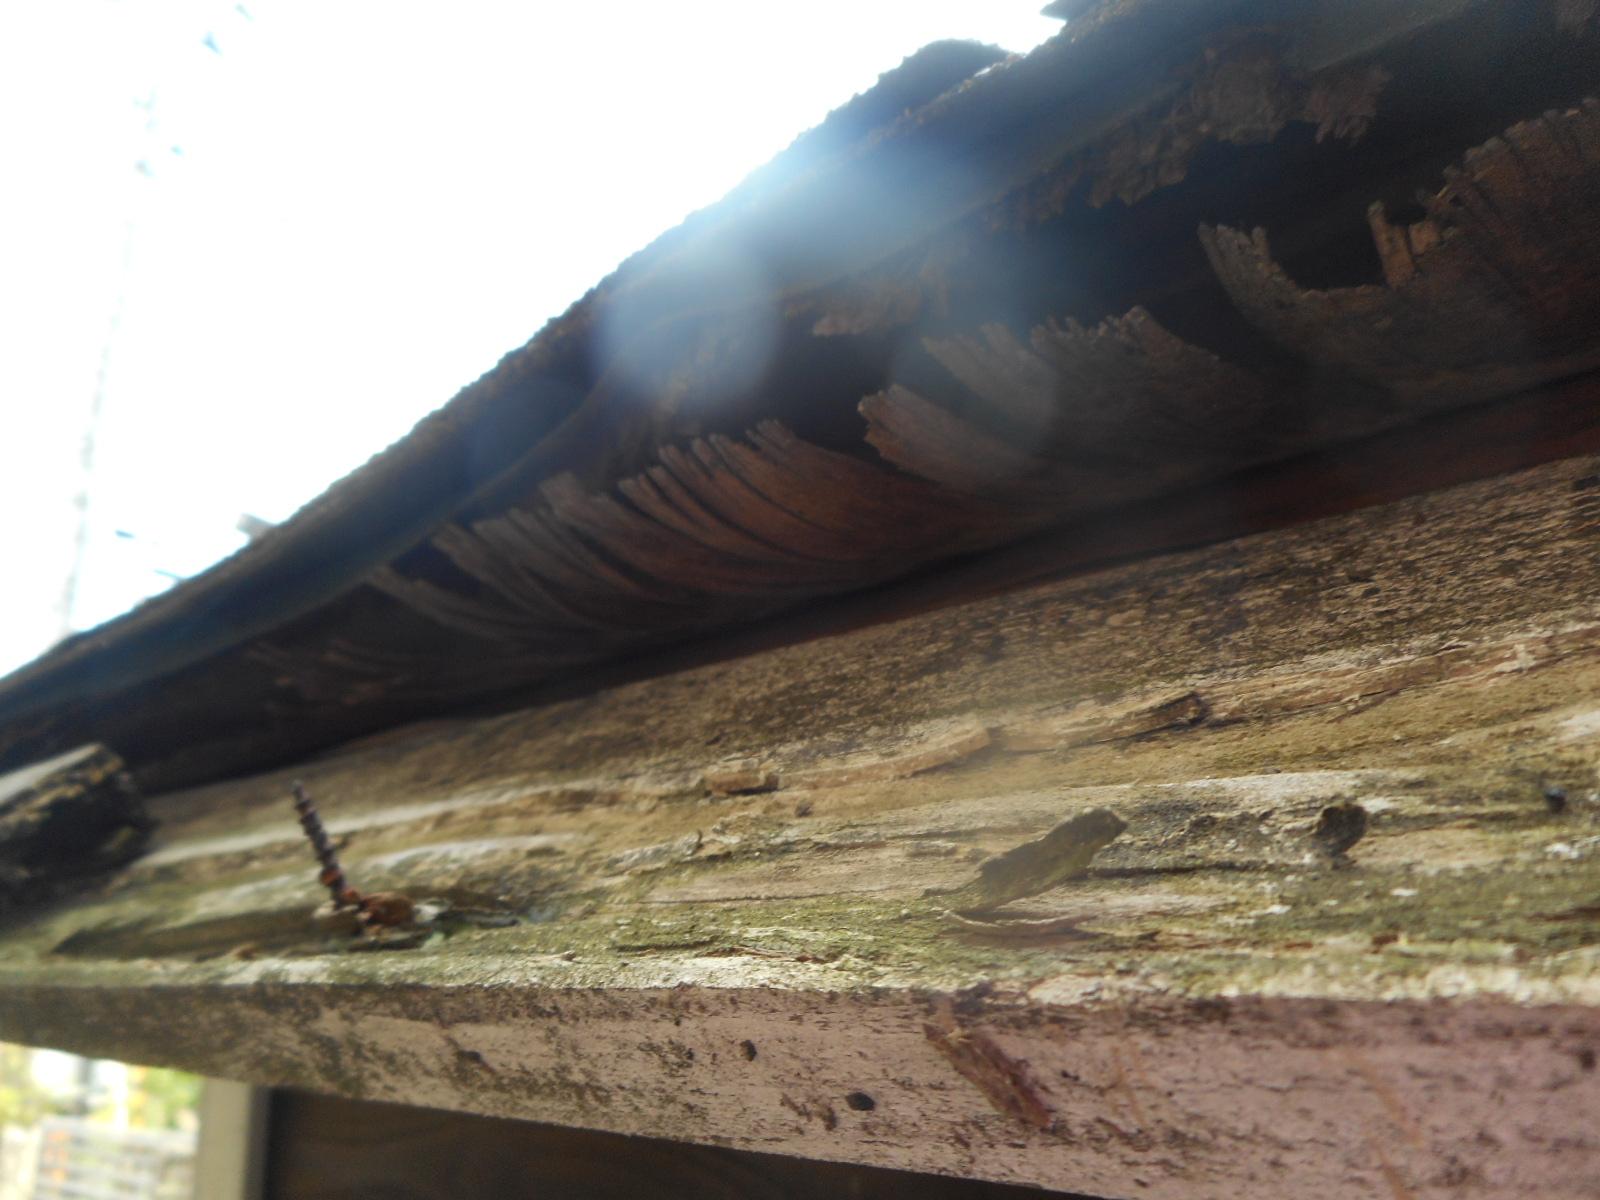 仙台市宮城野区で物置小屋の屋根張り替えを行いまた。